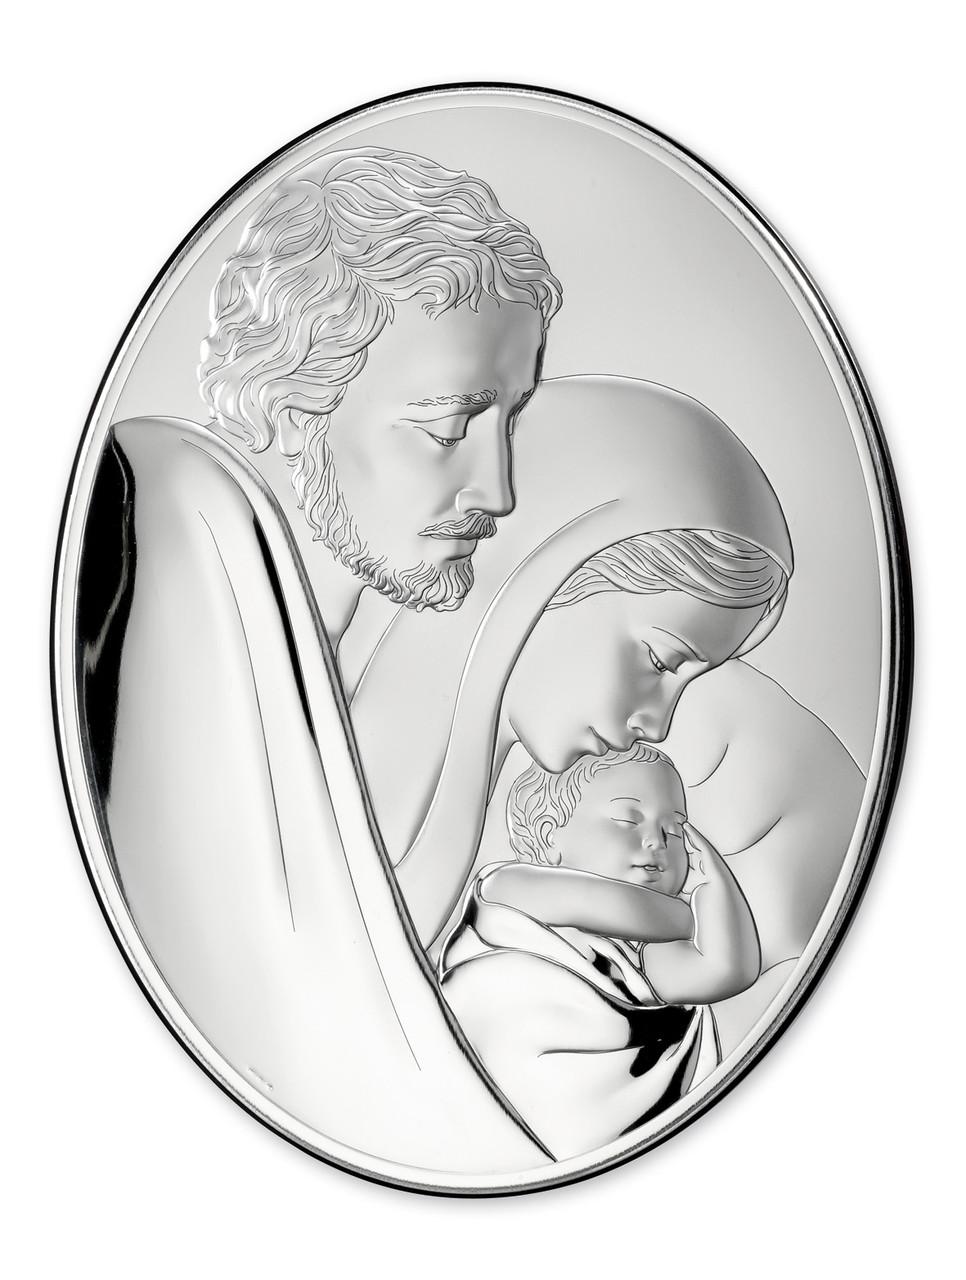 Икона серебряная Свяое Семейство  (10х13 см) 81242 3L